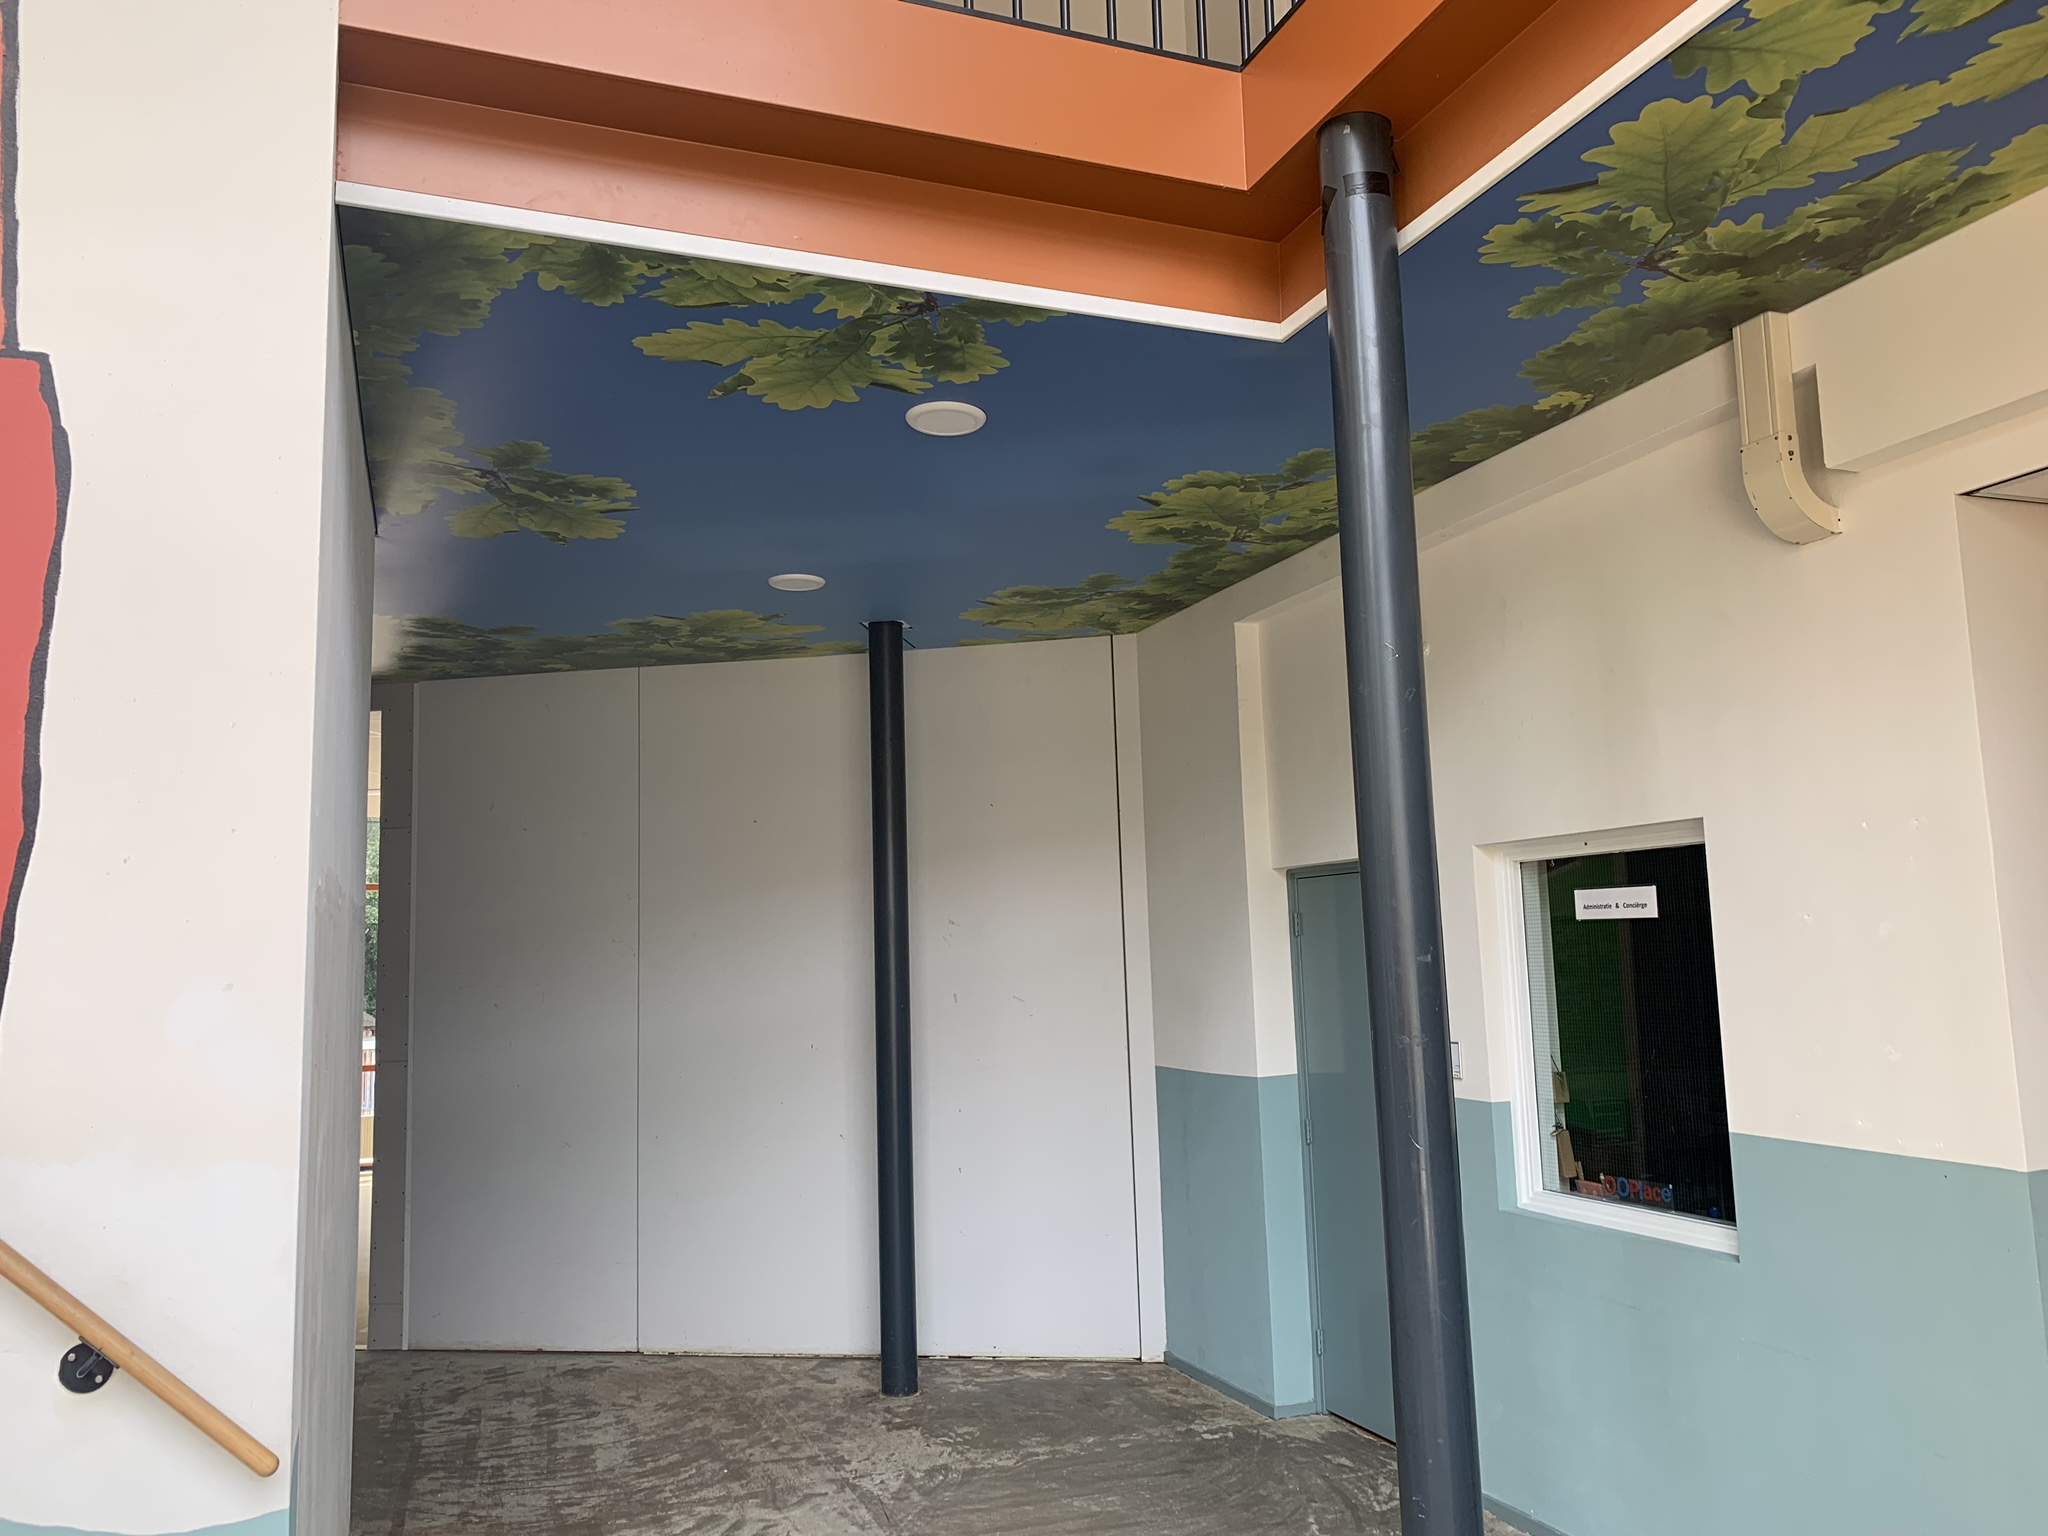 spanplafond met een natuur print